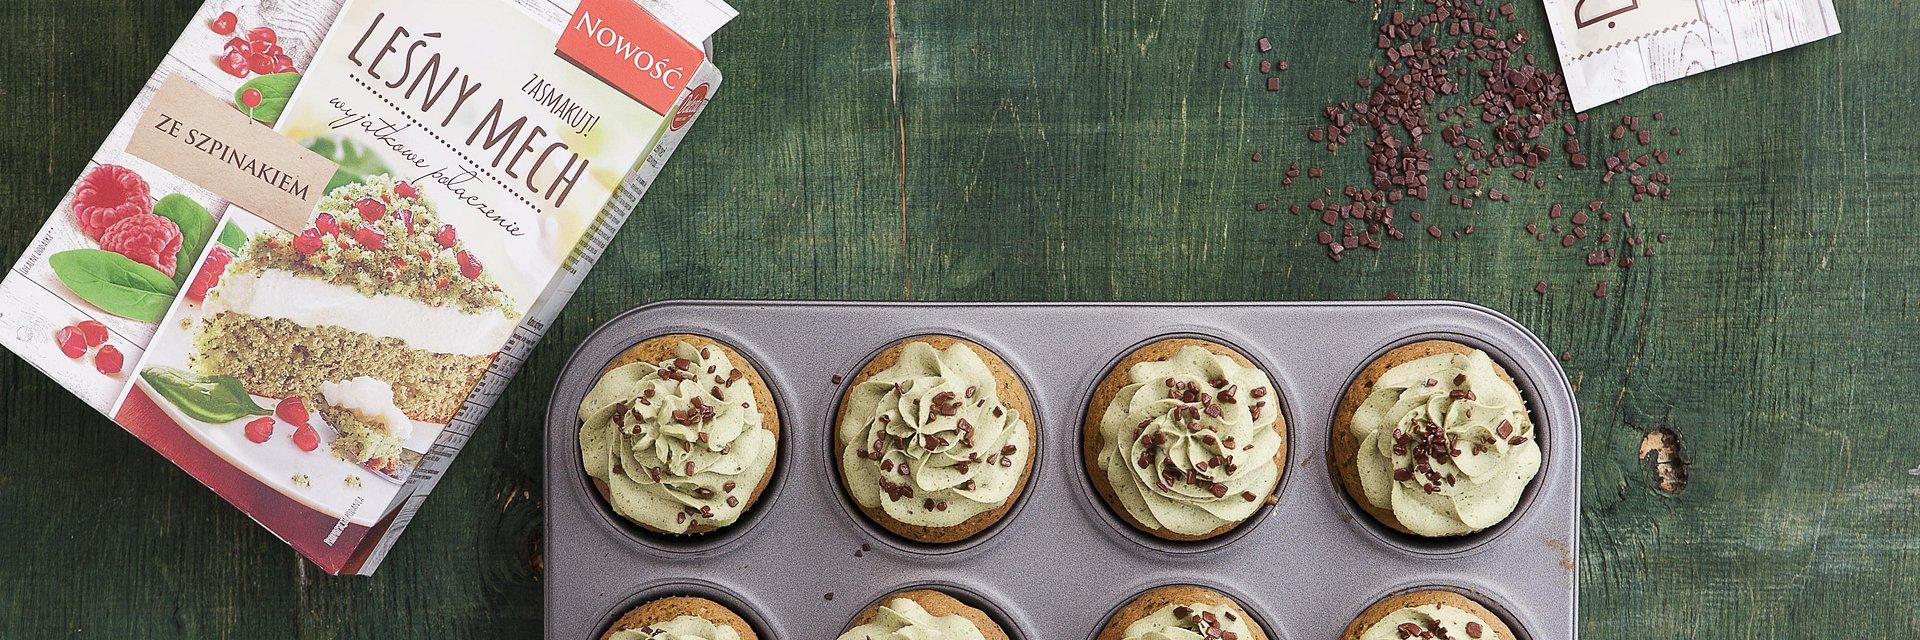 Z przepiśnika babci, czyli sprawdzone sposoby na wyrośnięte ciasto